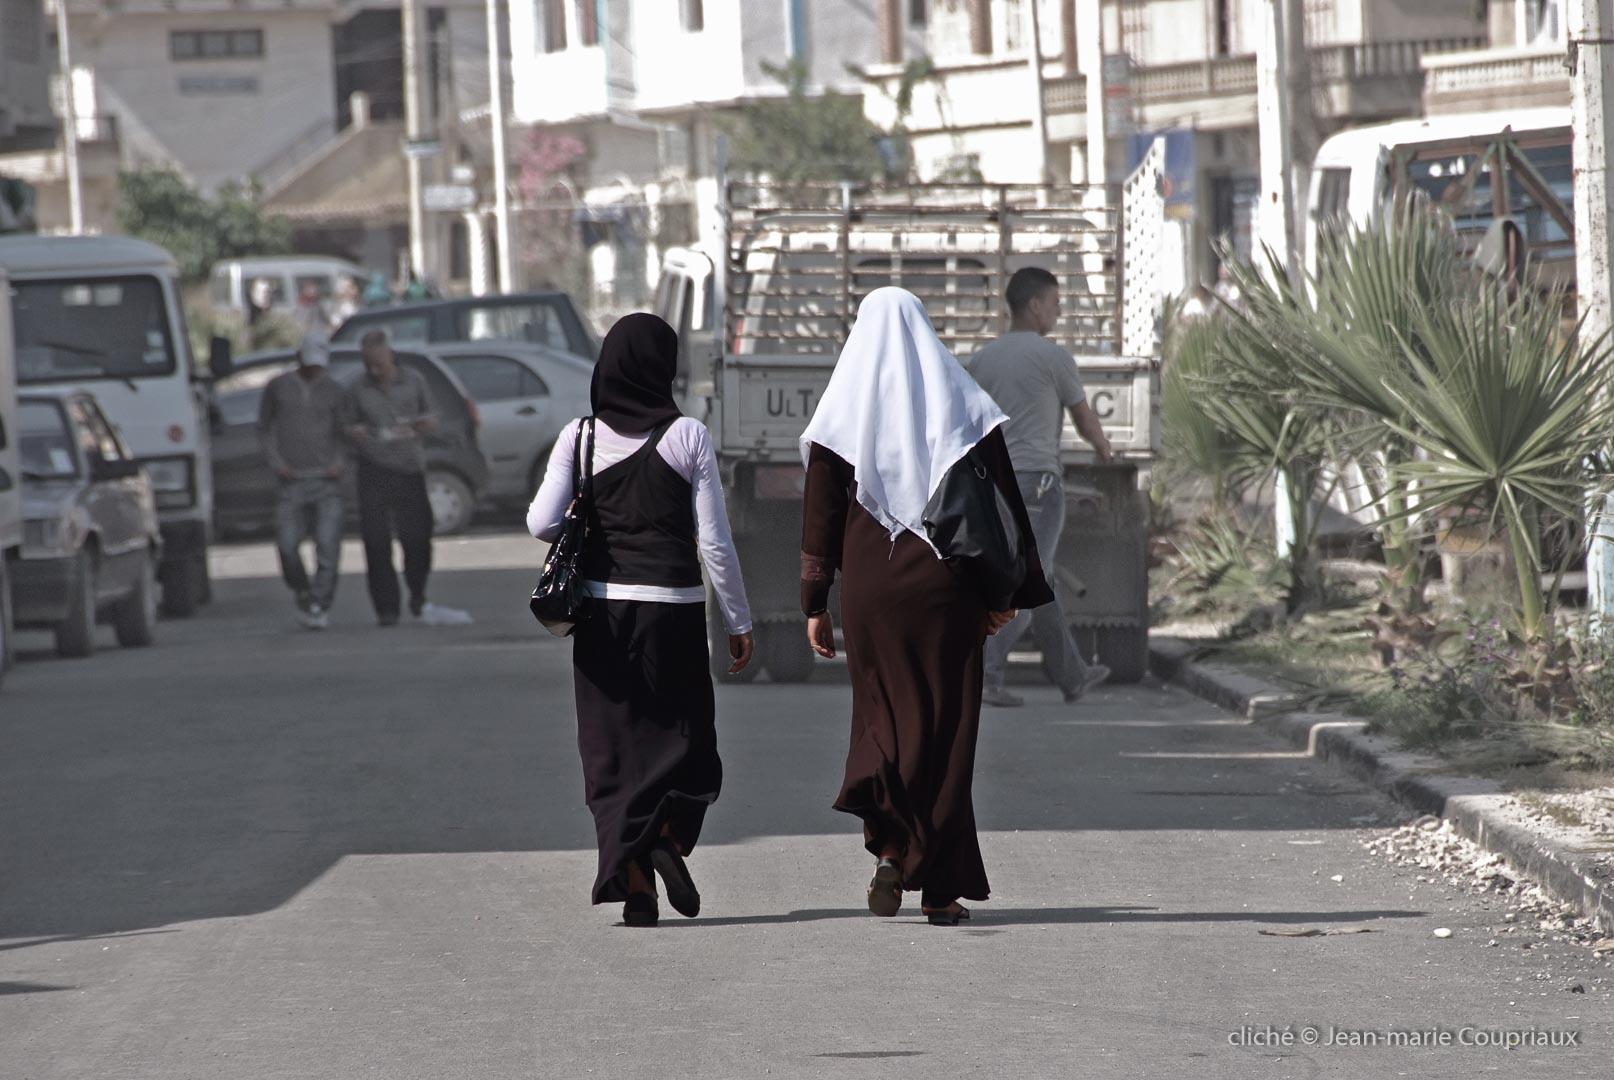 802-2011_Algerie-1229